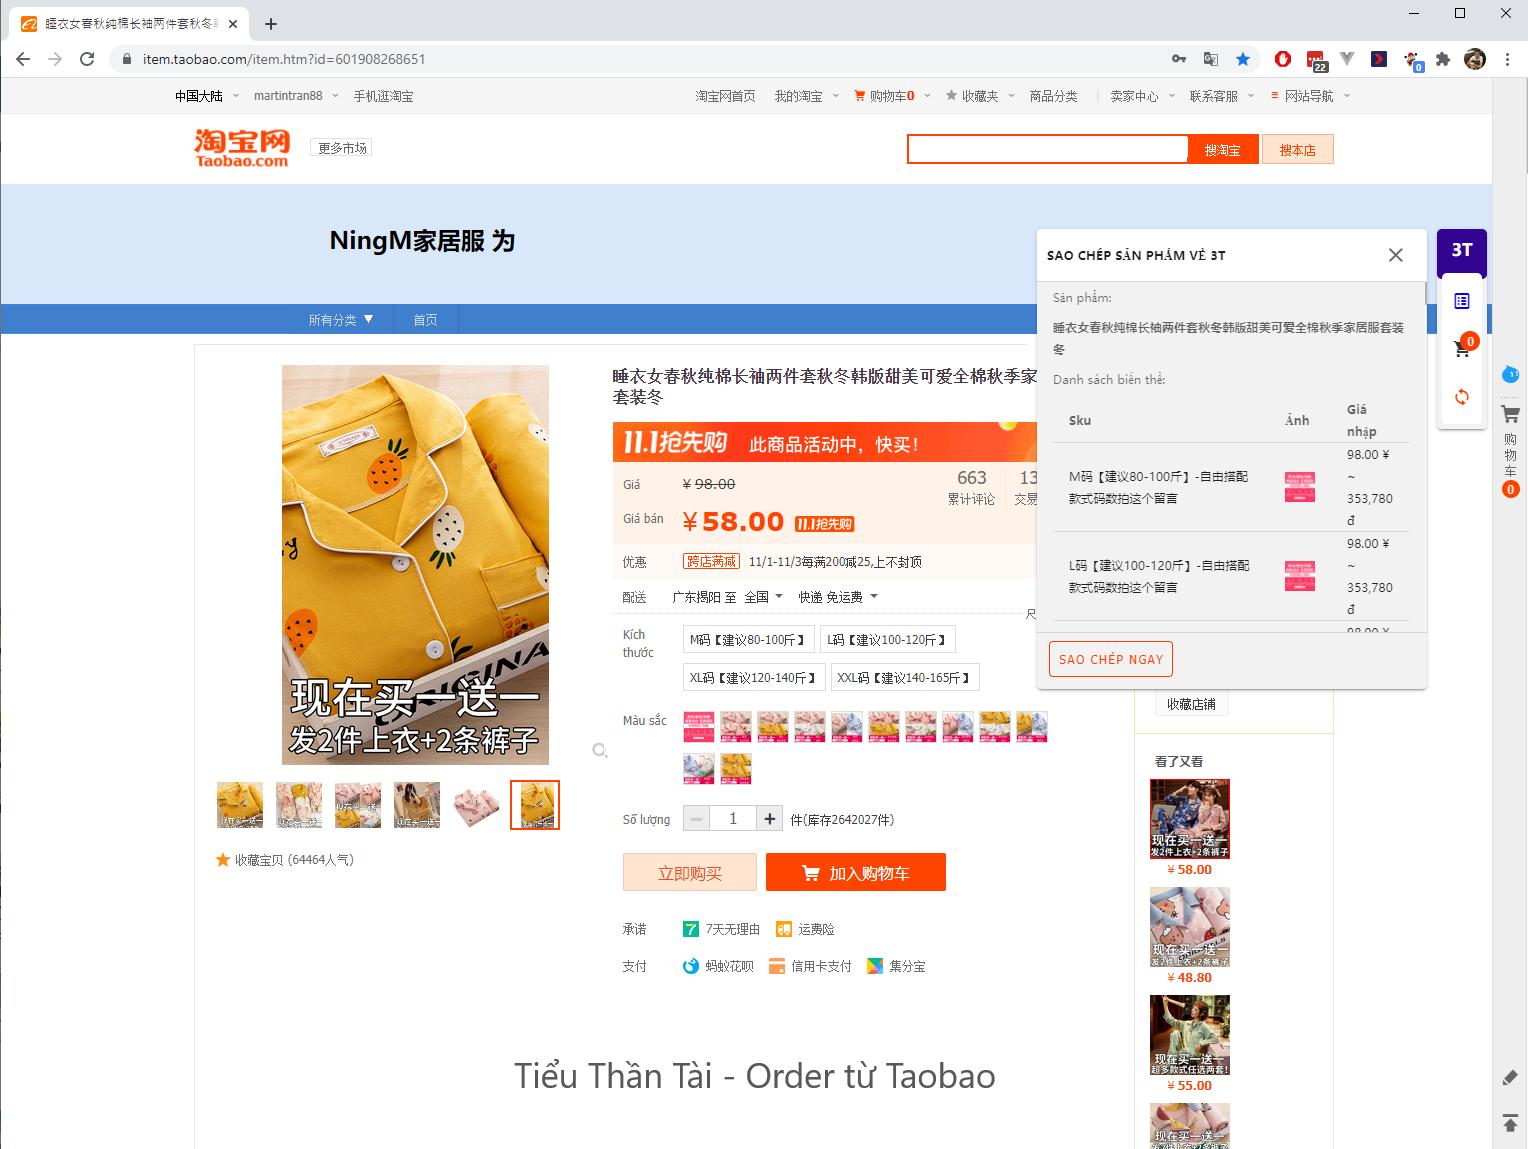 copy thông tin sản phẩm taobao